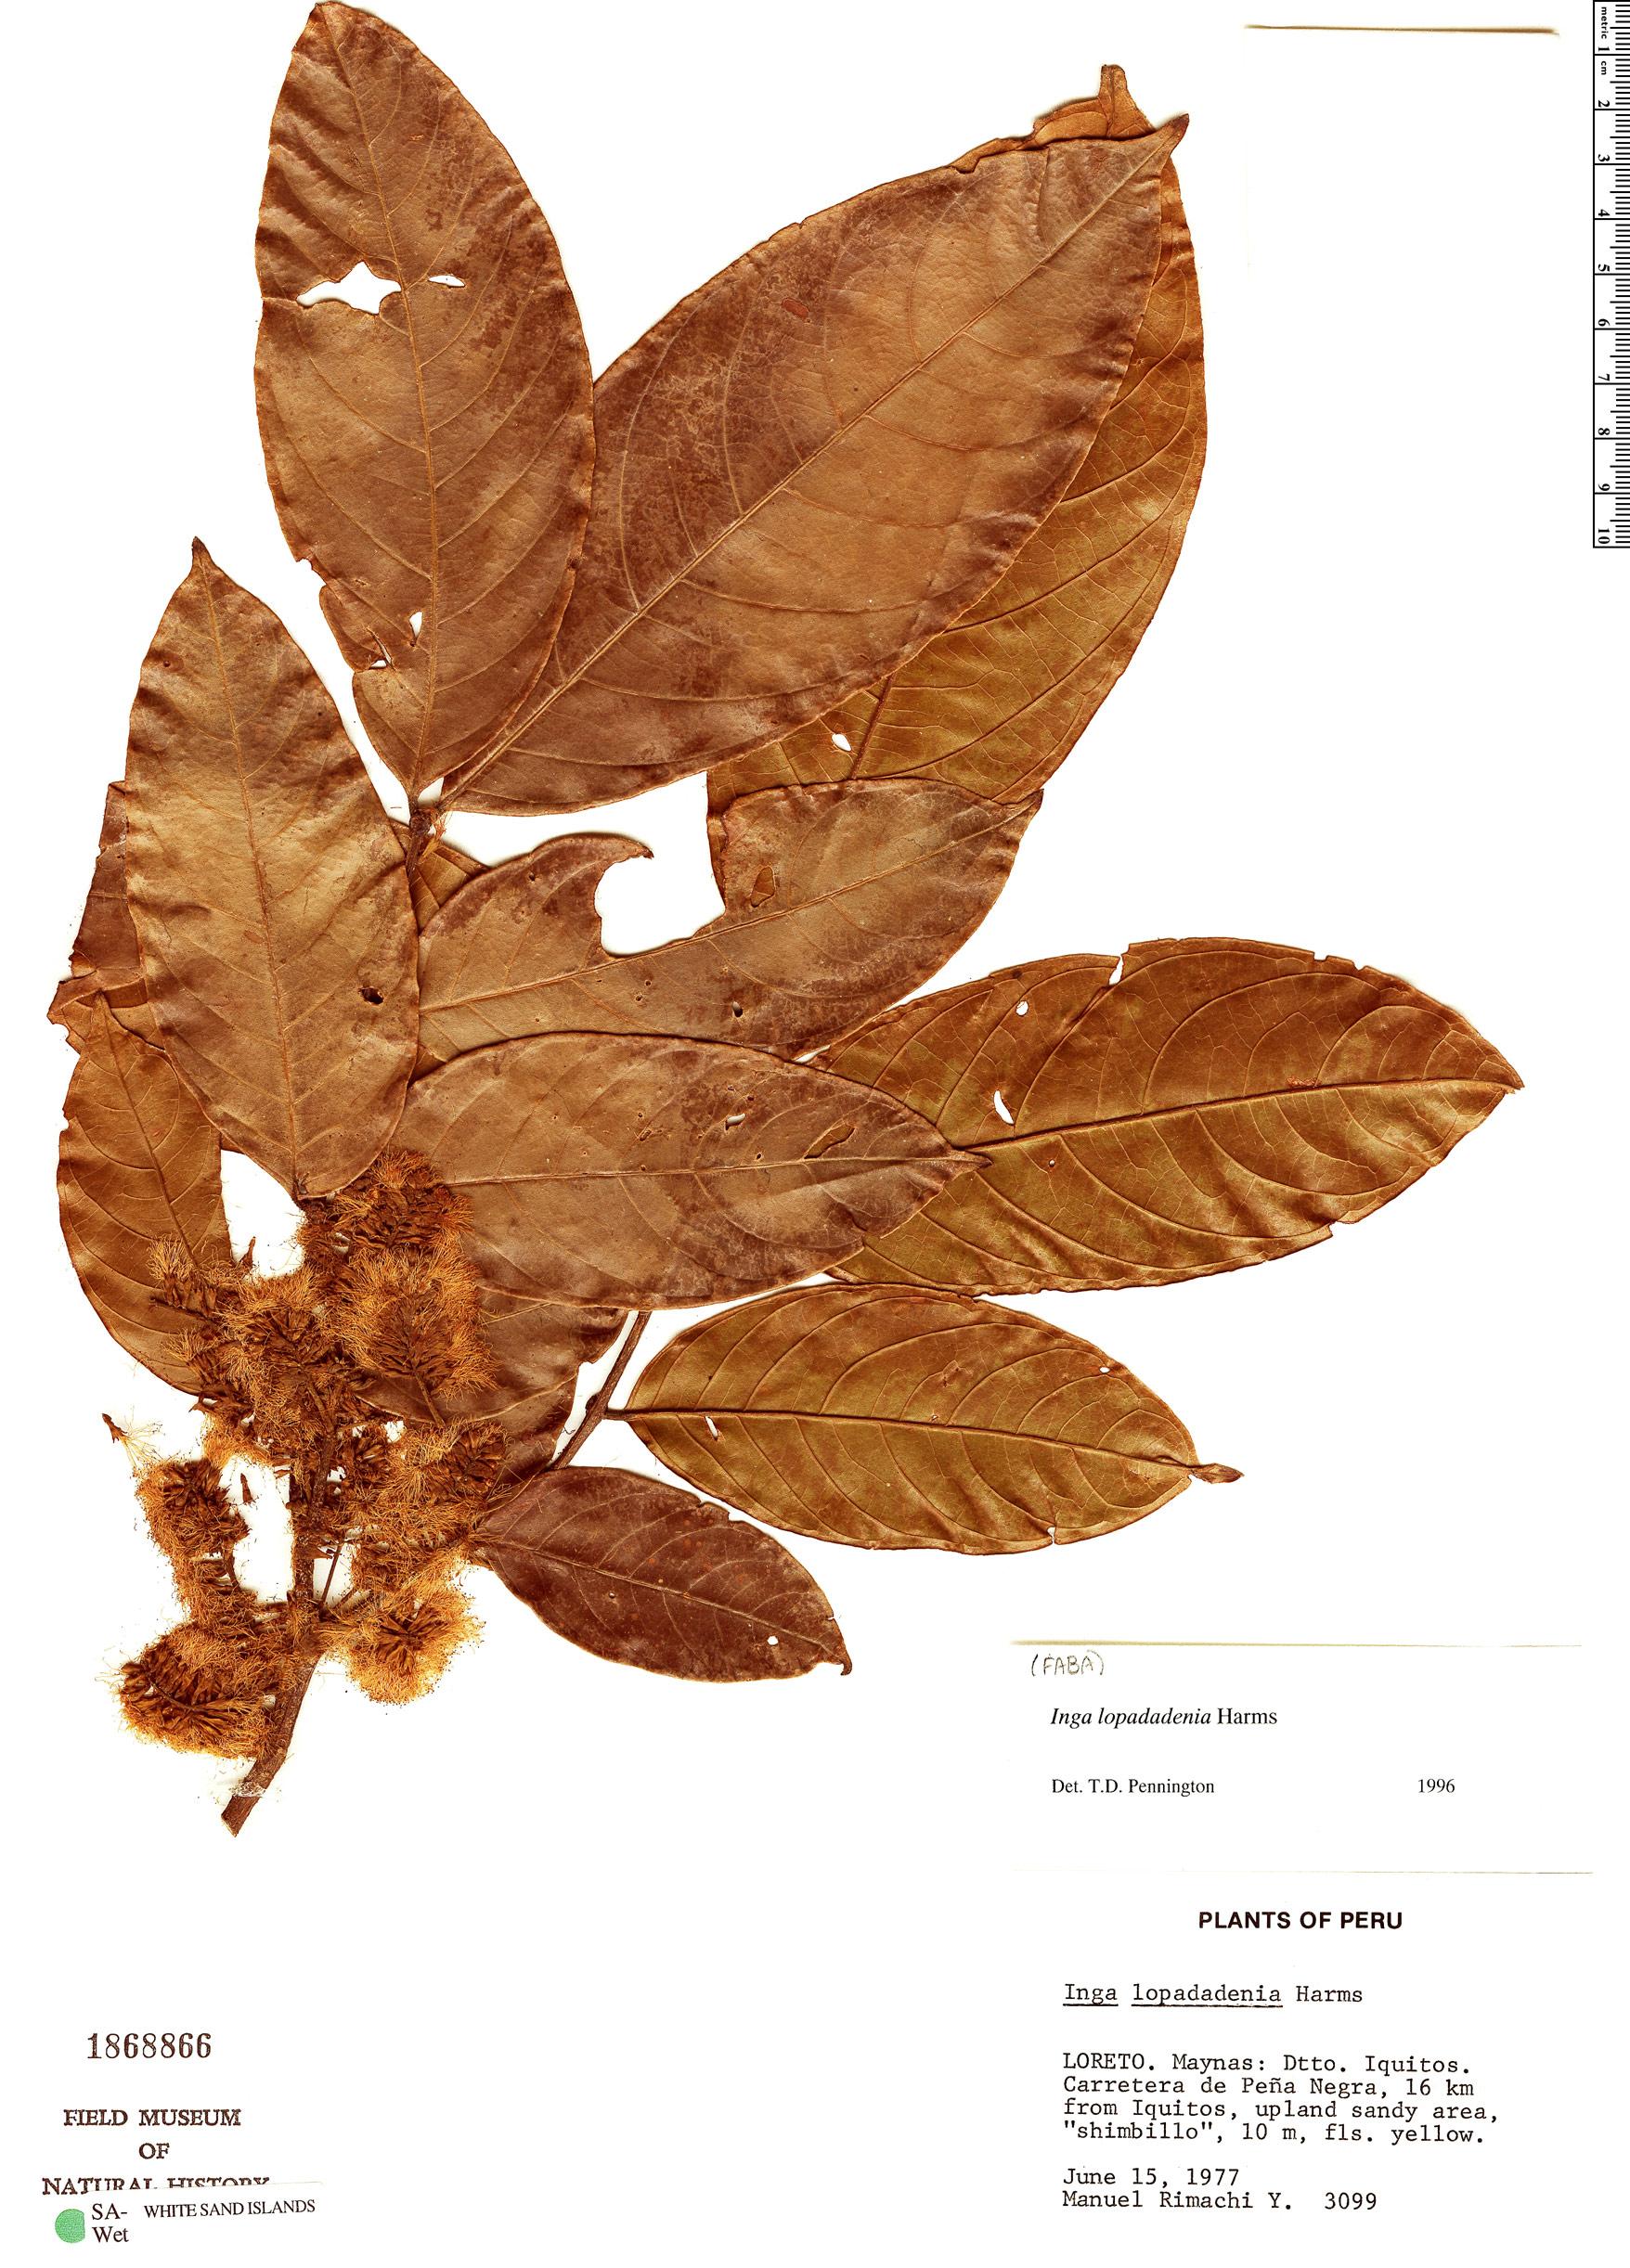 Espécimen: Inga lopadadenia